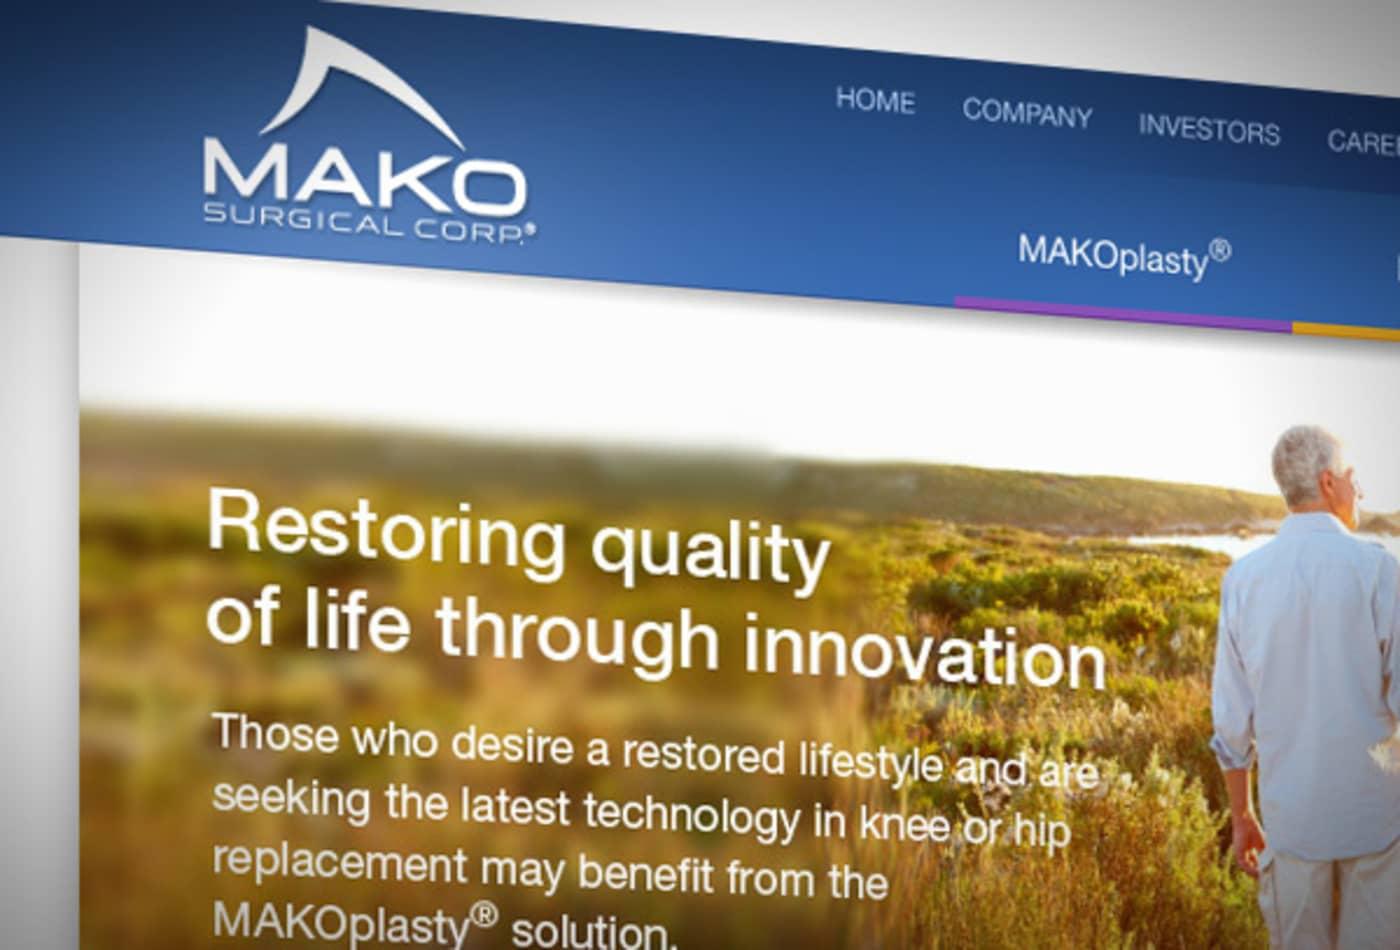 cramer-stocks-to-avoid-mako.jpg